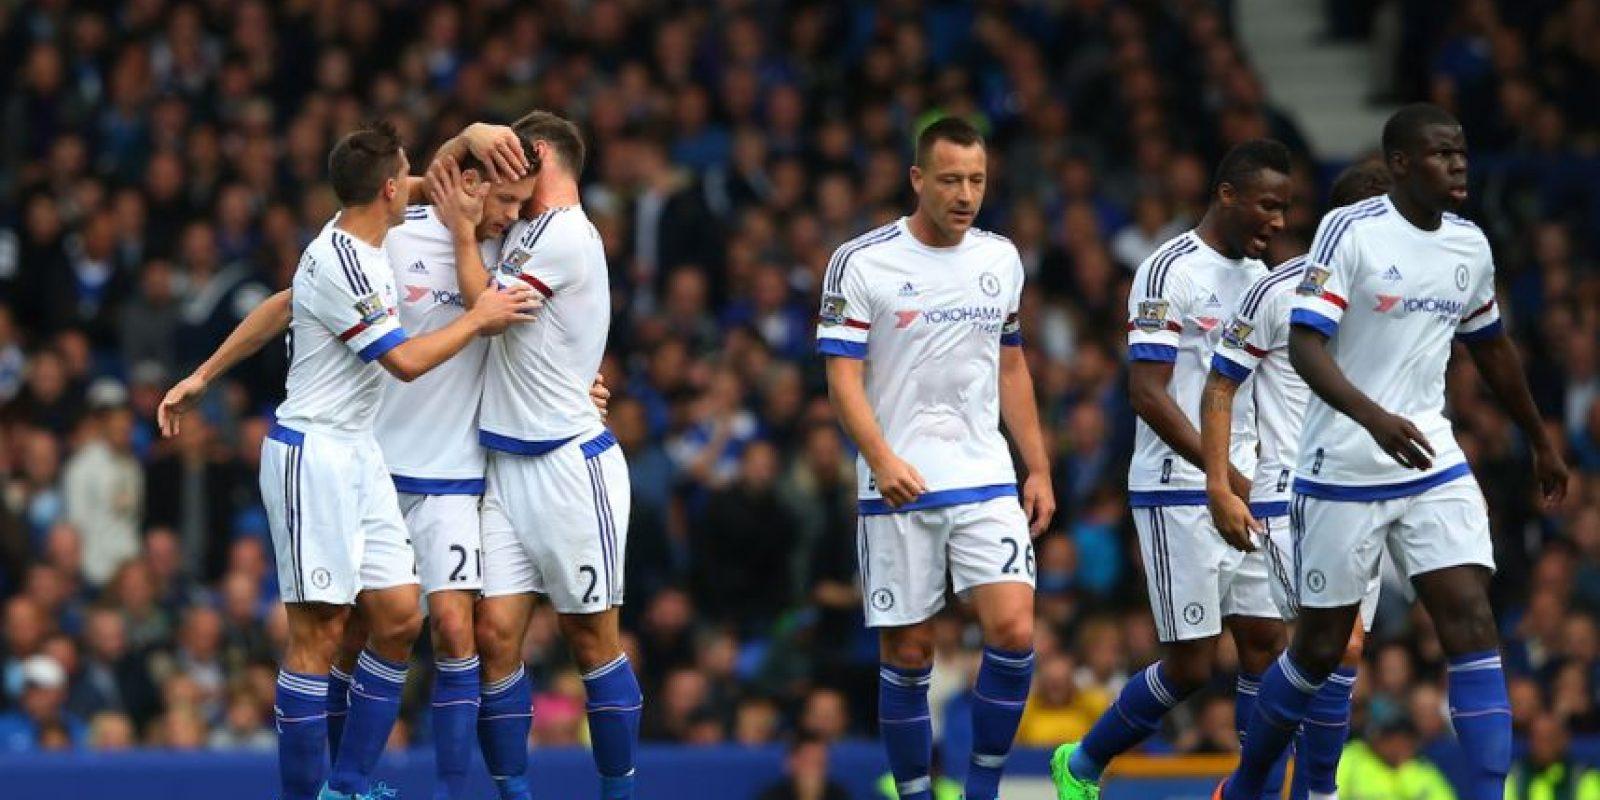 En su primer partido empataron 2-2 con el Swansea City. Foto:Getty Images